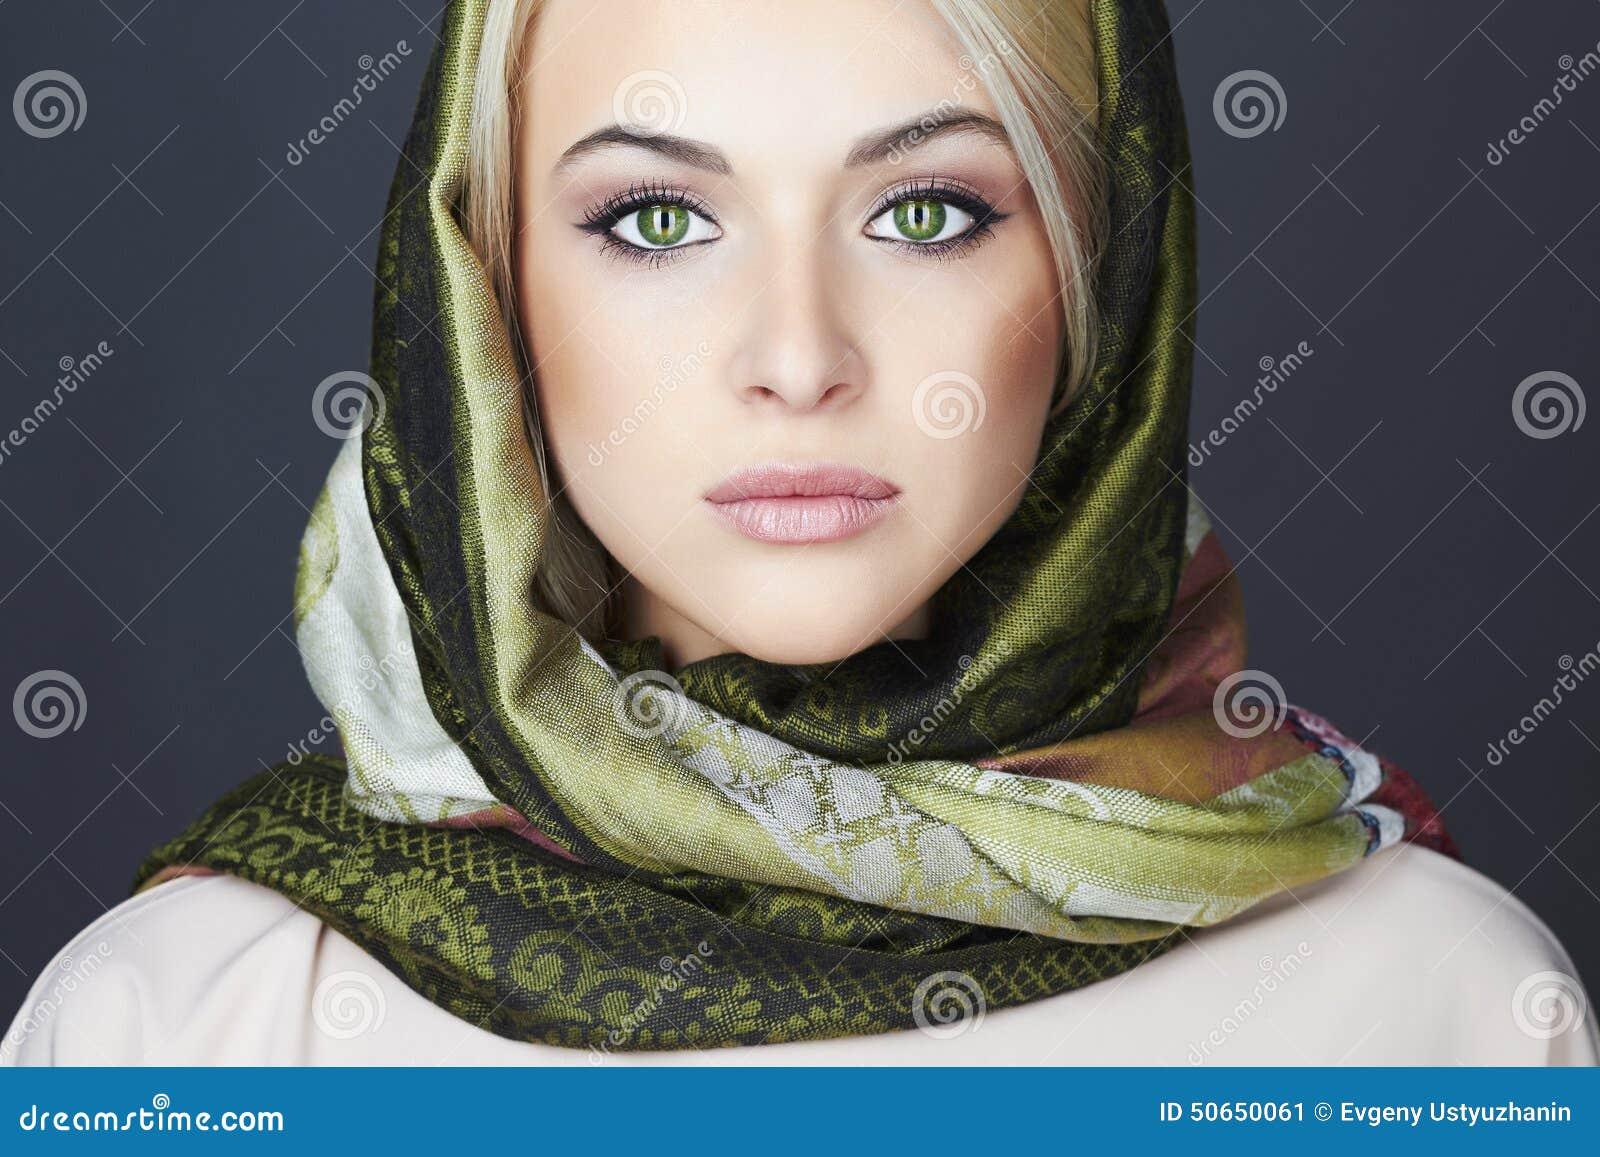 Beauty Read More Russian Women 39